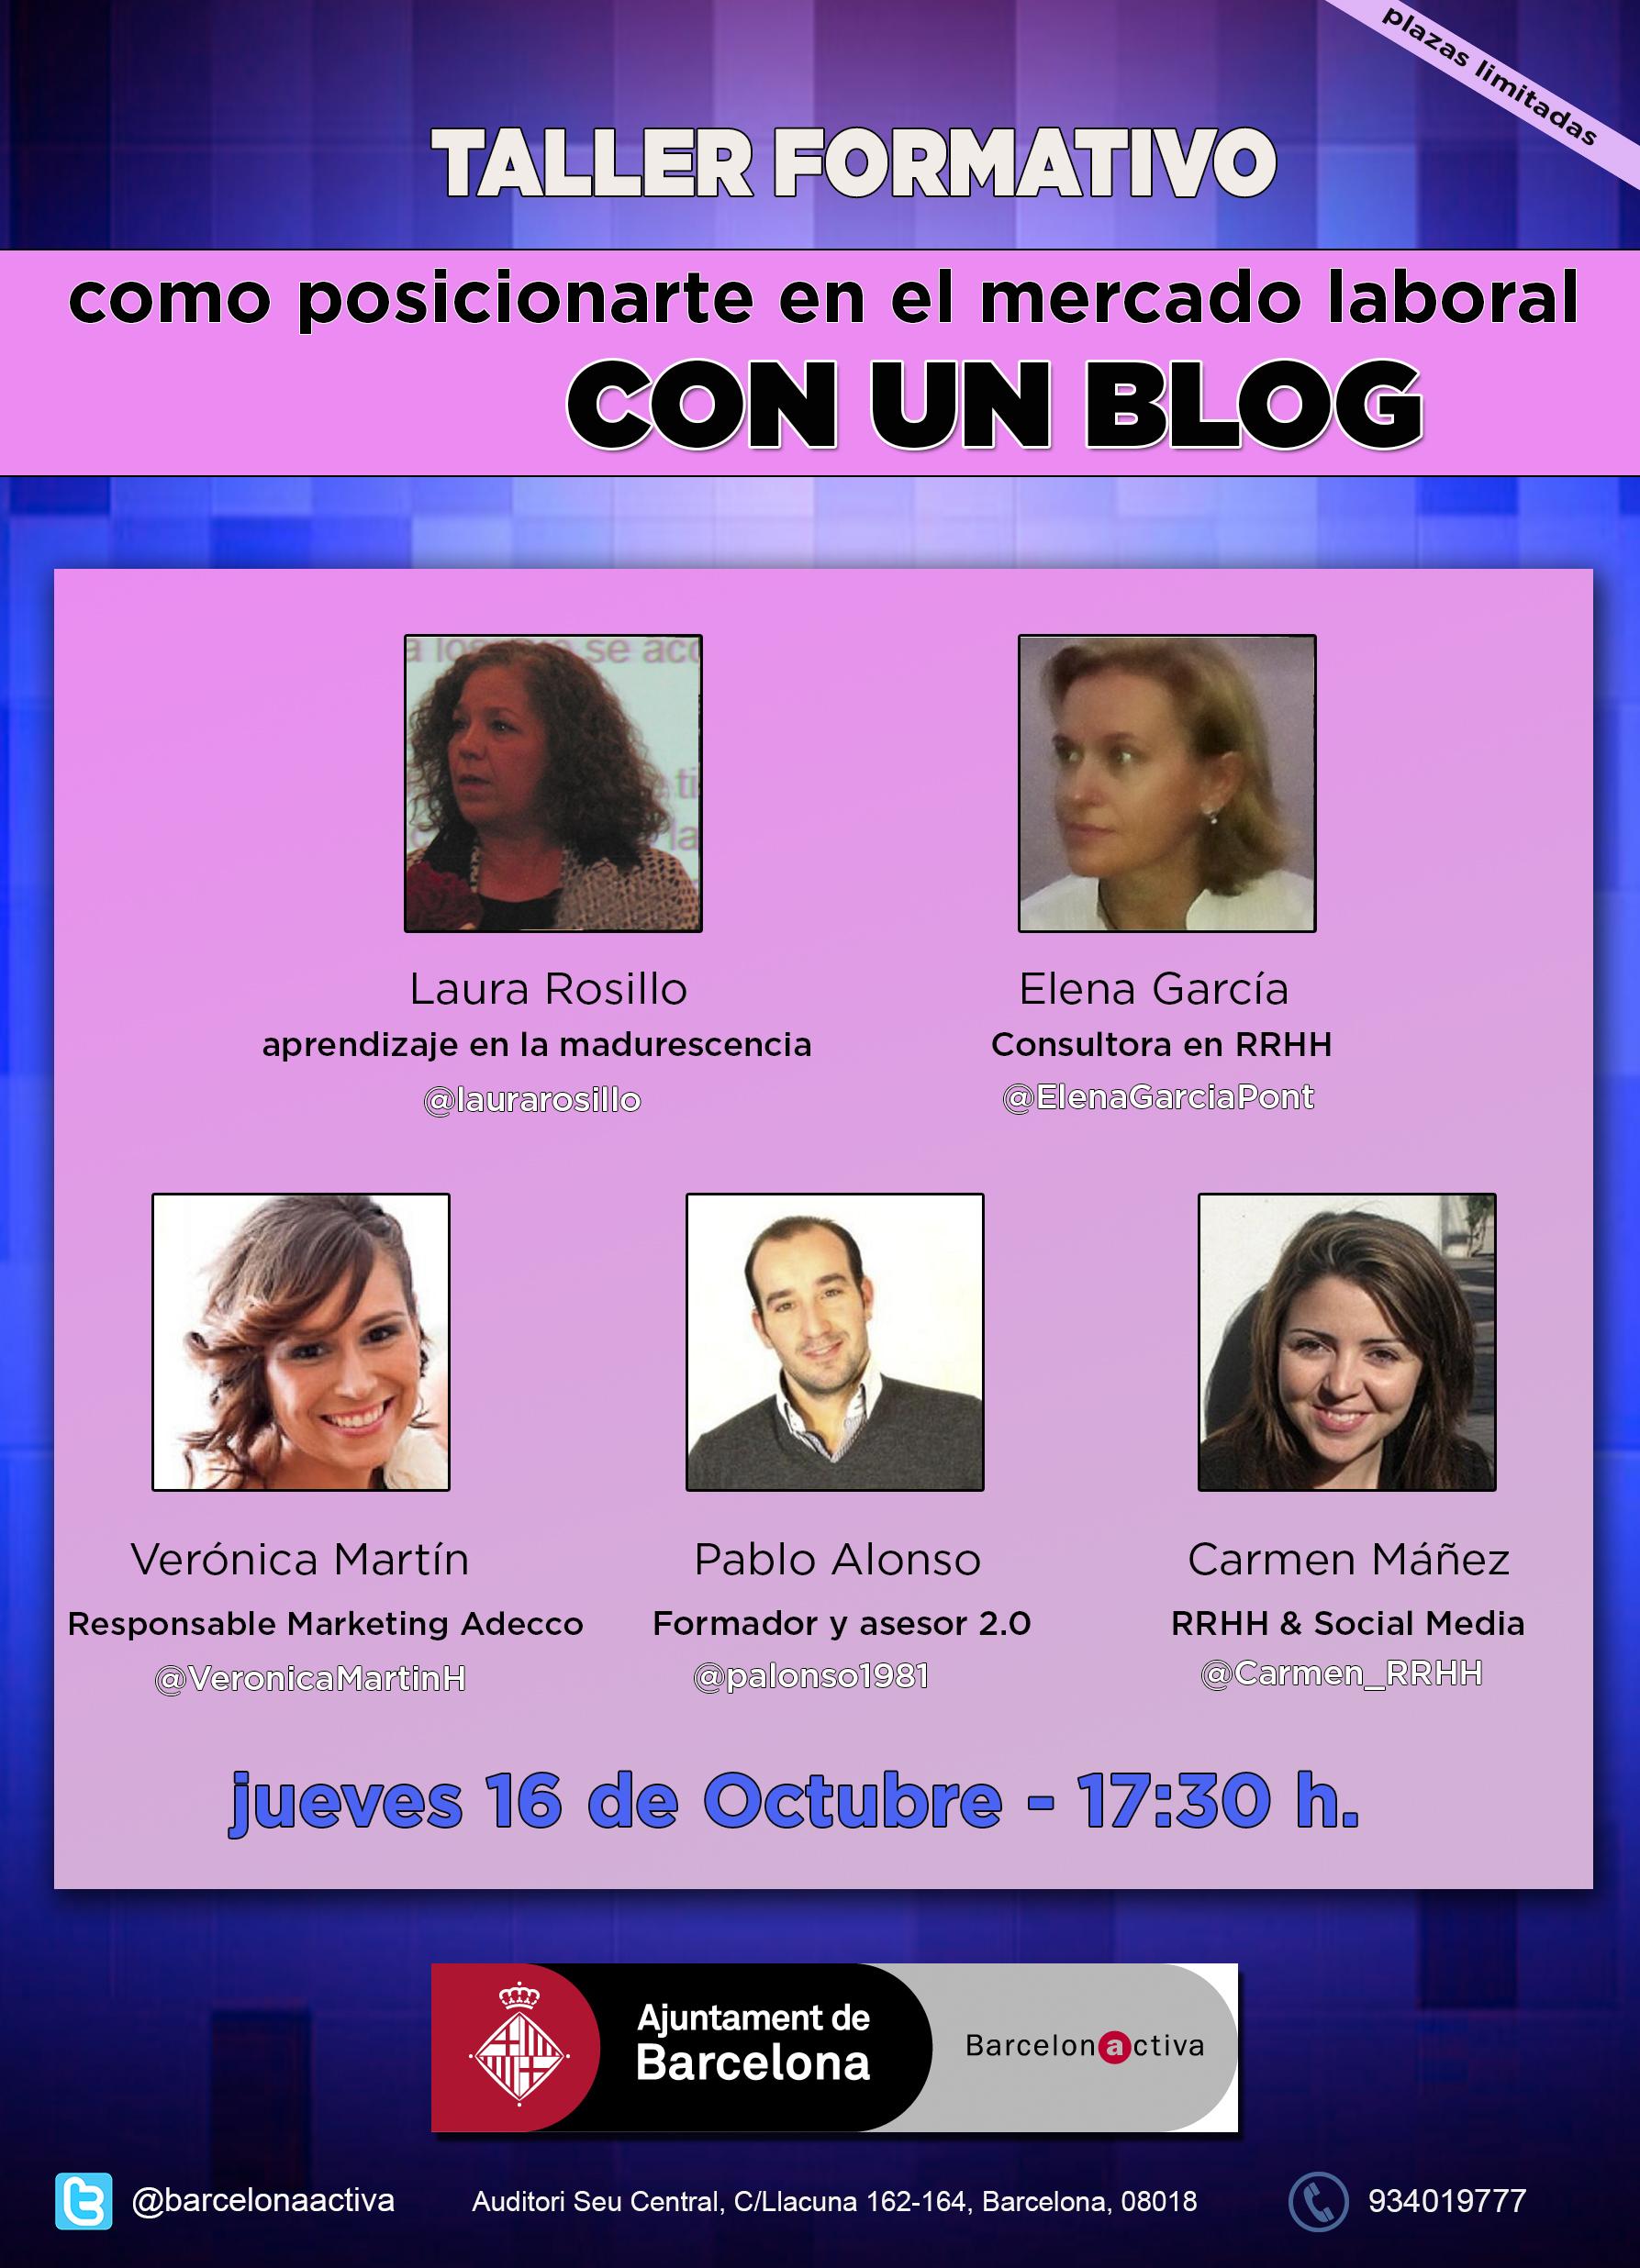 Cómo posicionarte en el mercado laboral con un blog. Barcelona Activa